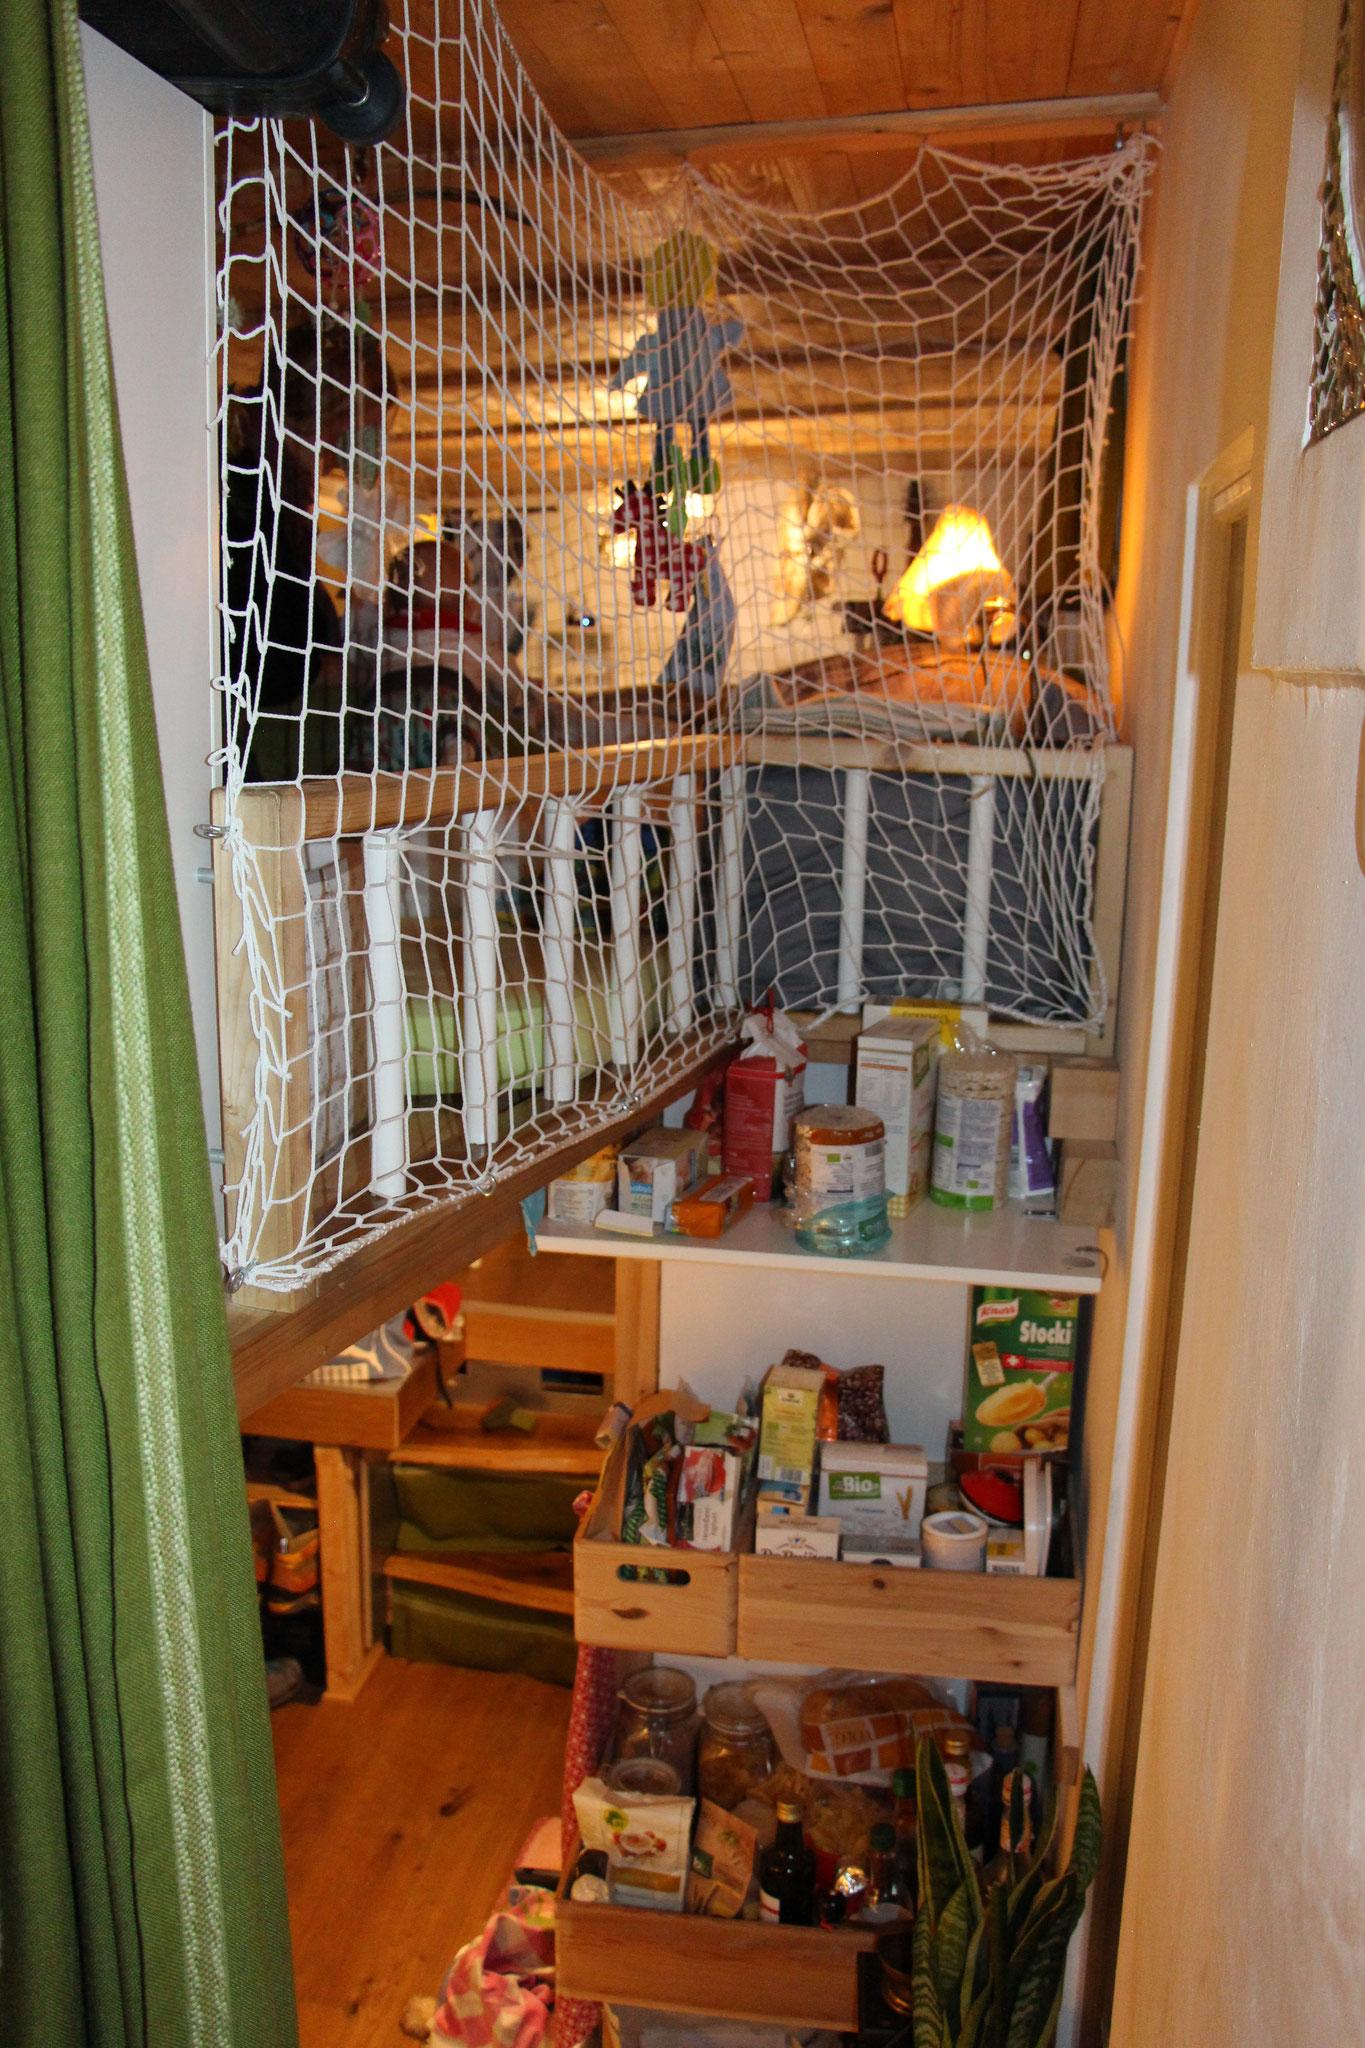 Zusätliches Fach im Küchenregal und Sicherheitsnetz für die kleine Krabbel-Maus